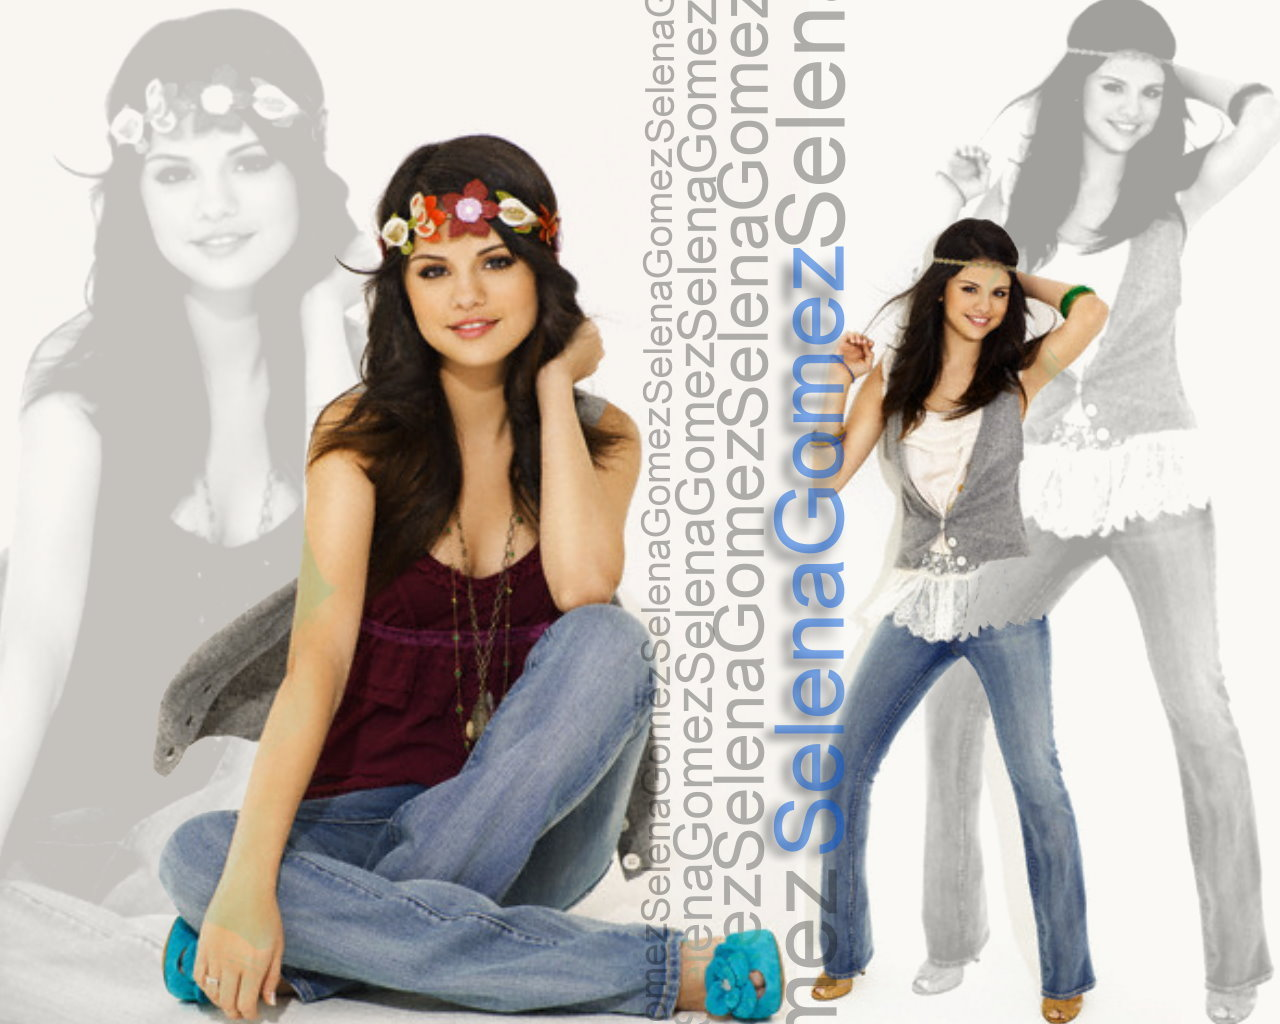 http://1.bp.blogspot.com/-4vk3iimYsts/TmhcqTojktI/AAAAAAAAAto/N7XSNBbRmT0/s1600/Selena-Gomez-selena-gomez-6706637-1280-1024.jpg